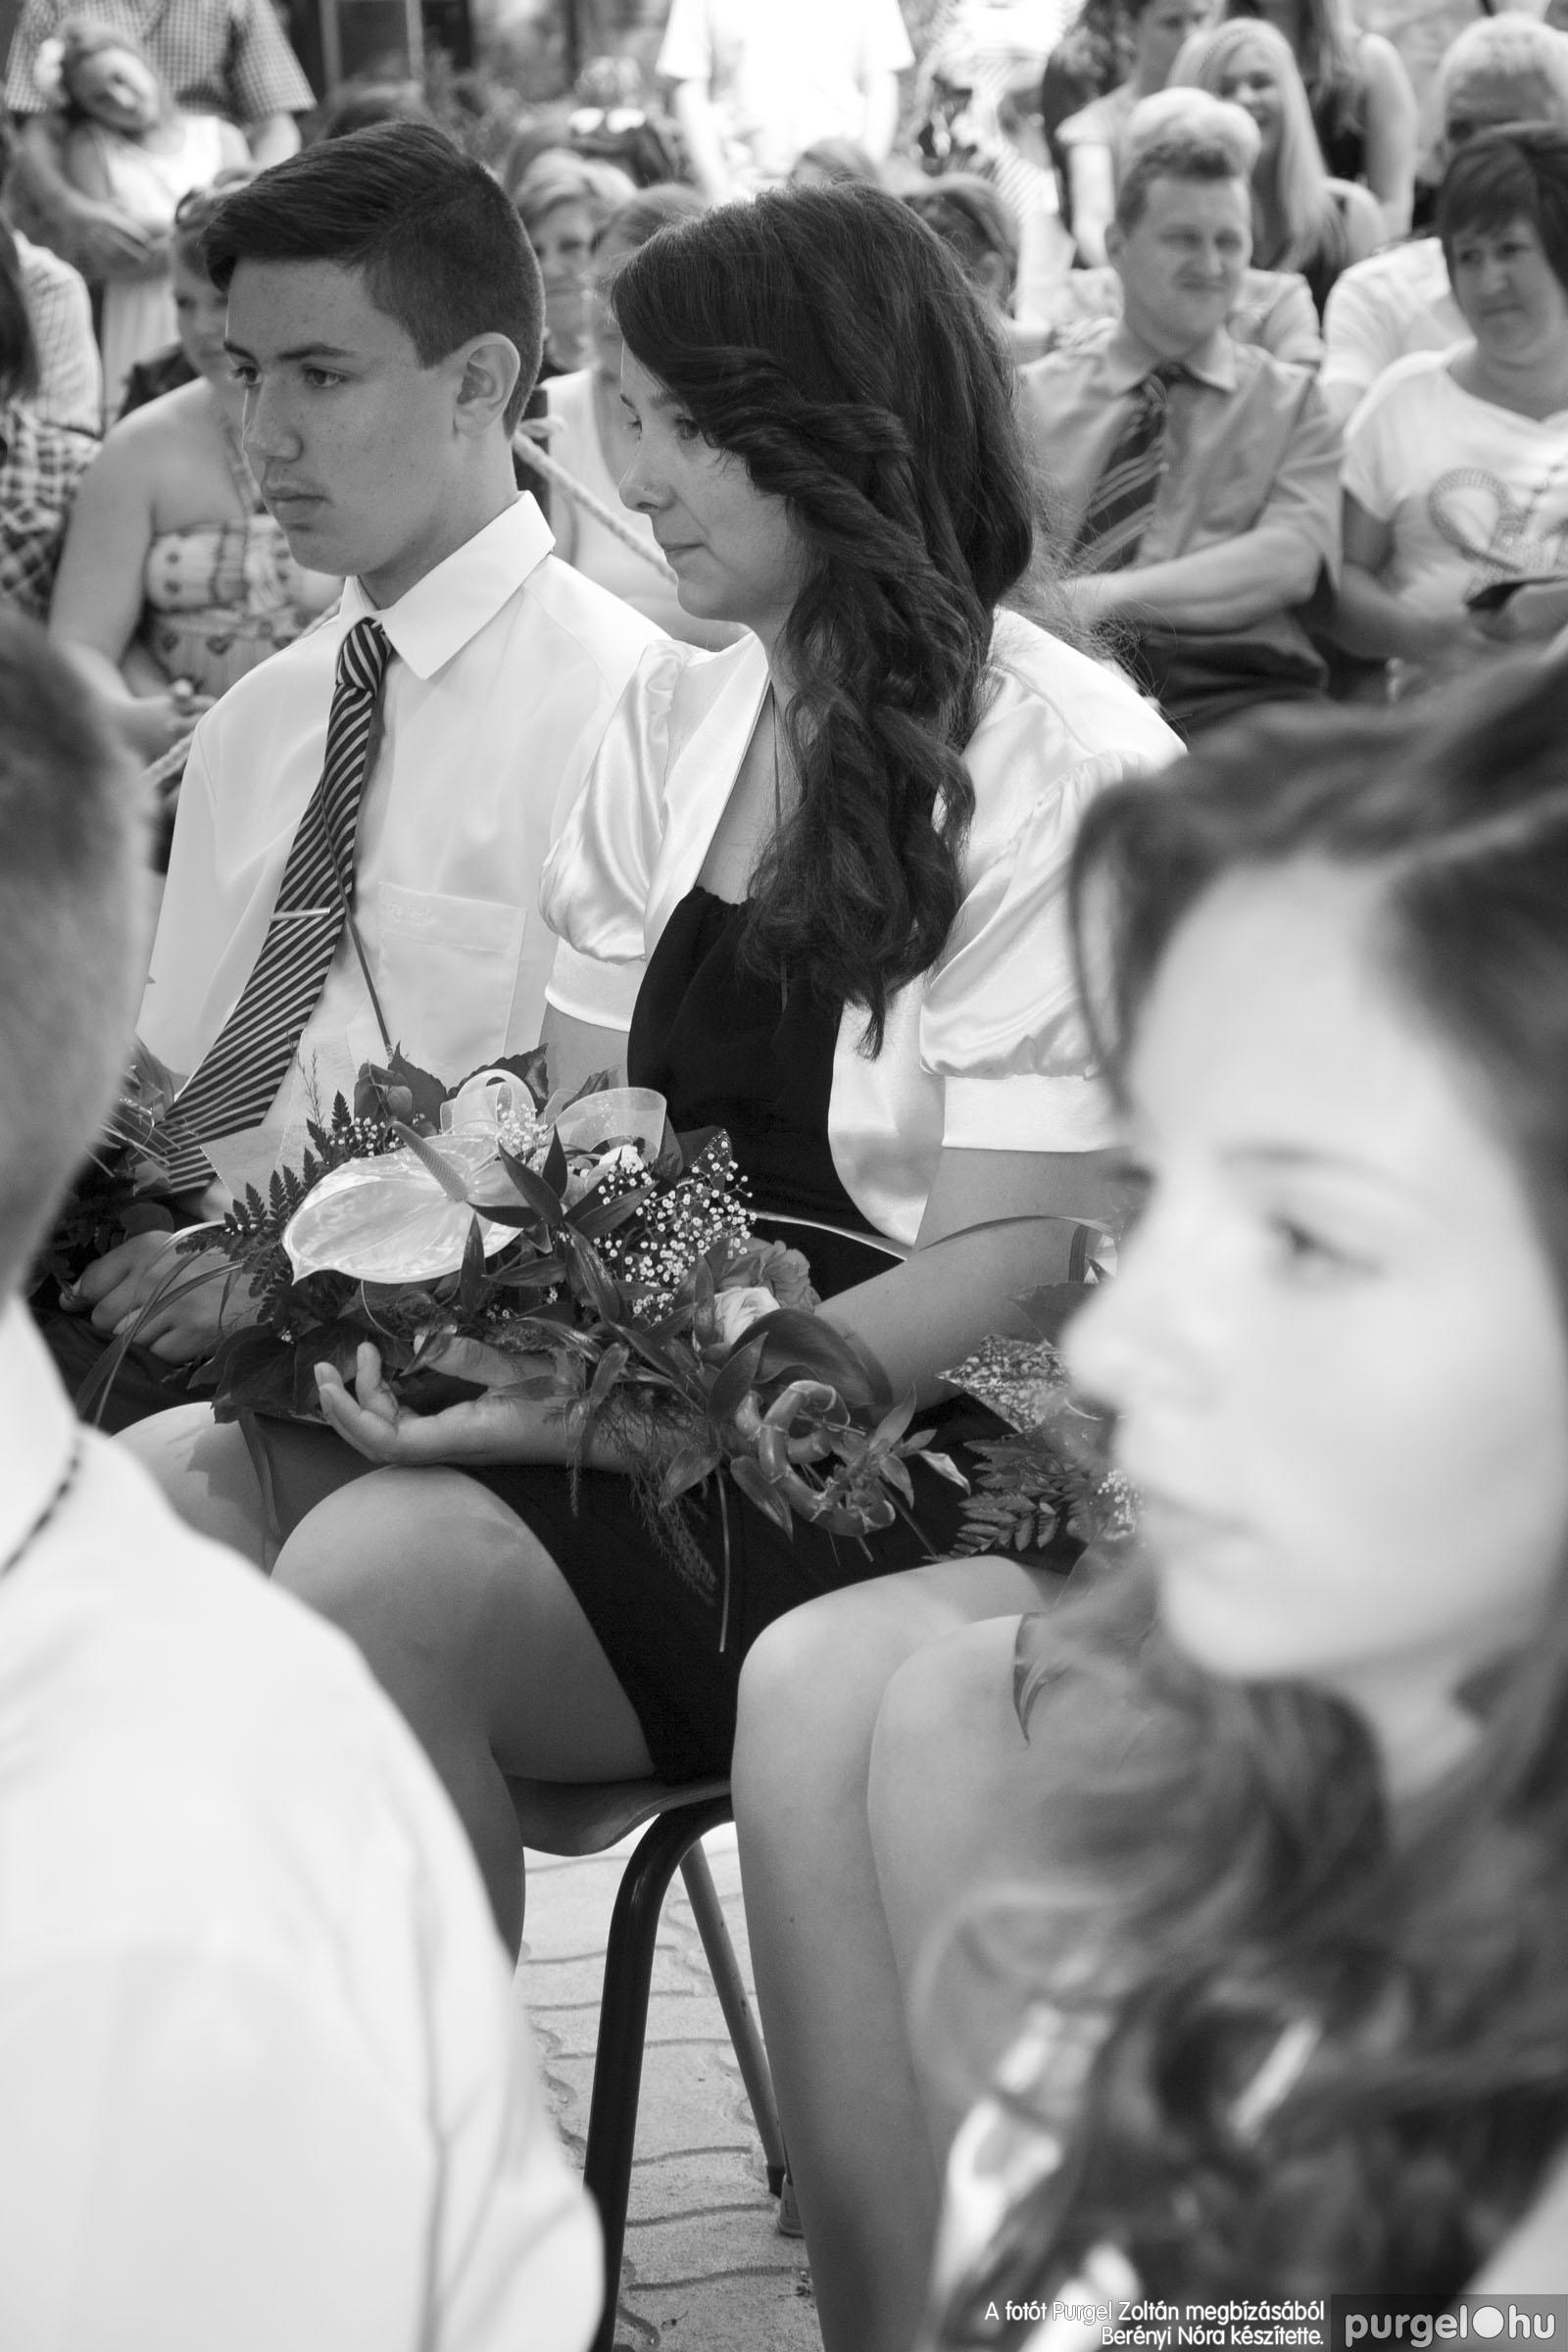 2014.06.14. 245 Forray Máté Általános Iskola ballagás 2014. - Fotó:BERÉNYI NÓRA© _MG_5909.jpg